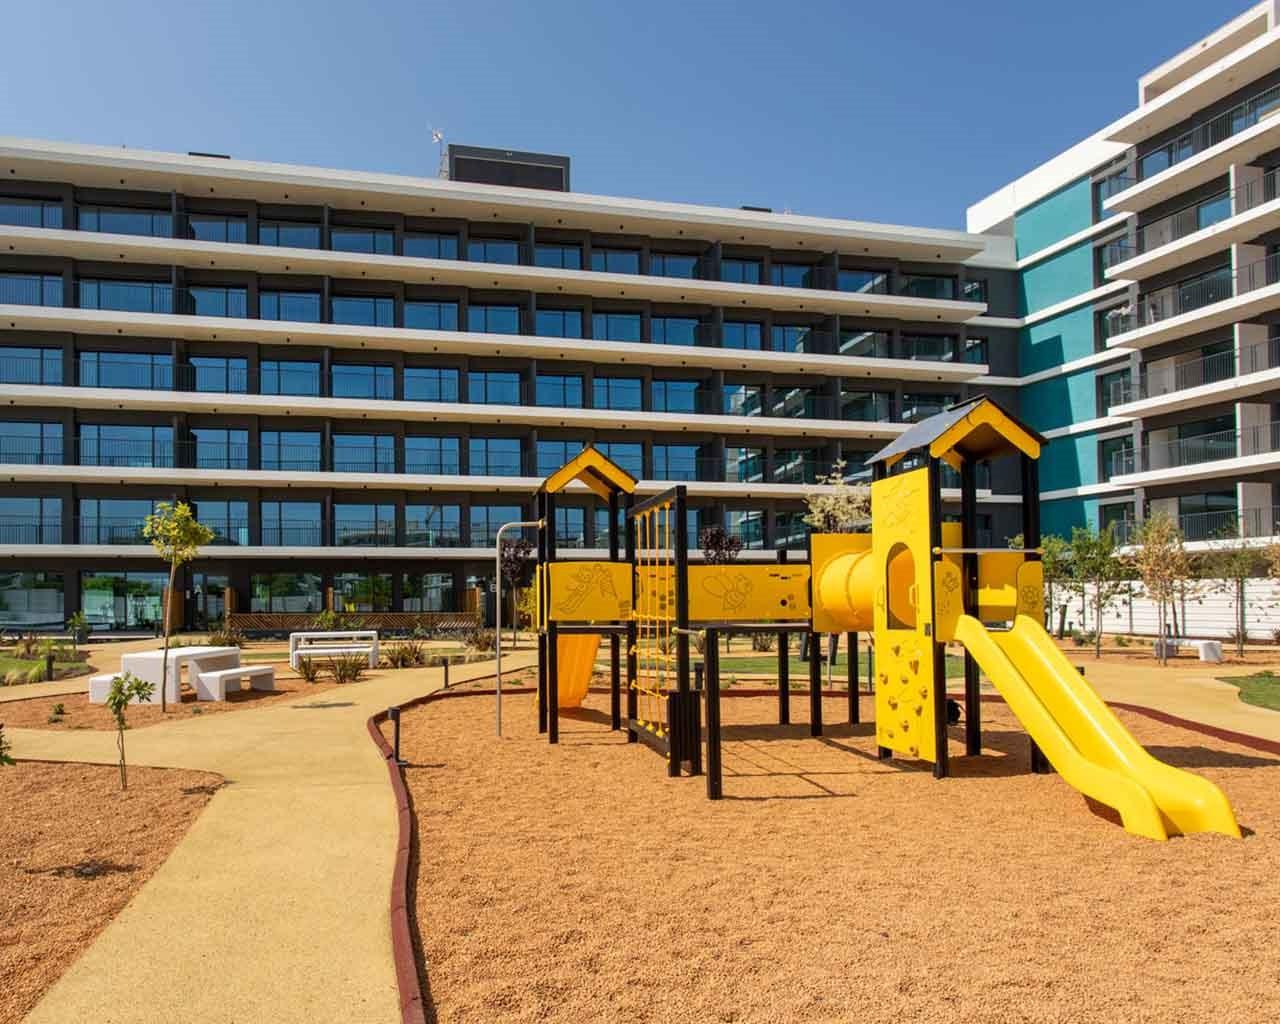 Lux-Garden-Faro_Fachada-playground